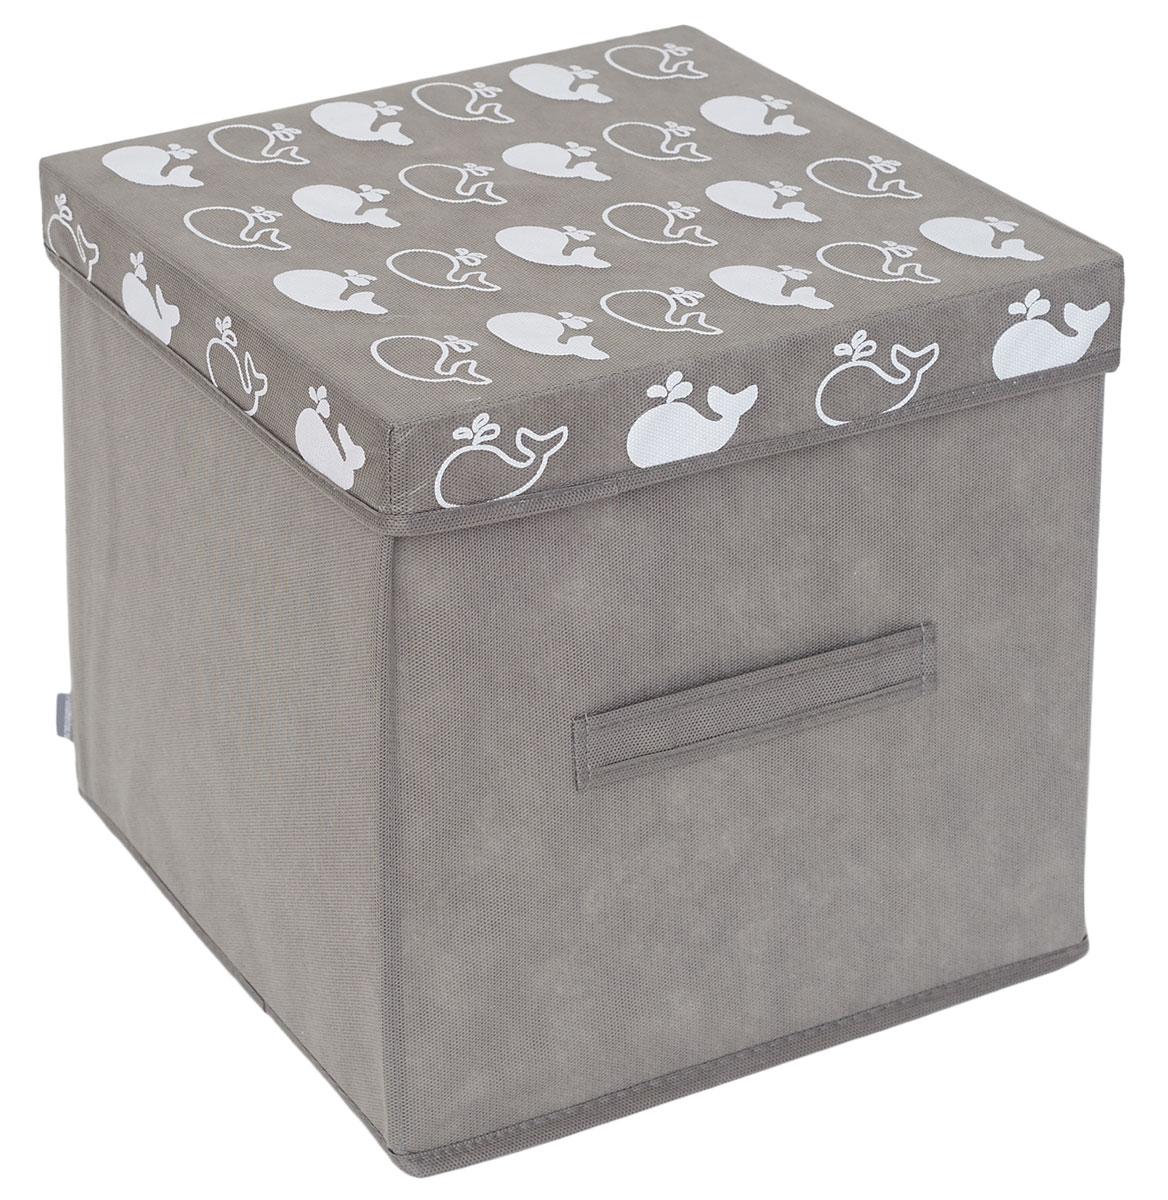 Коробка для вещей и игрушек с крышкой Все на местах Insta. Киты, 30 х 30 х 30 см1017036Удобный короб для вещей и игрушек с крышкой сохранит все семейные сокровища. Подойдет для компактного хранения канцелярии, счетов, документов, небольших игрушек и коробочек с паззлами, лего и прочего. Поможет сохранить хрупкие или мнущиеся вещи